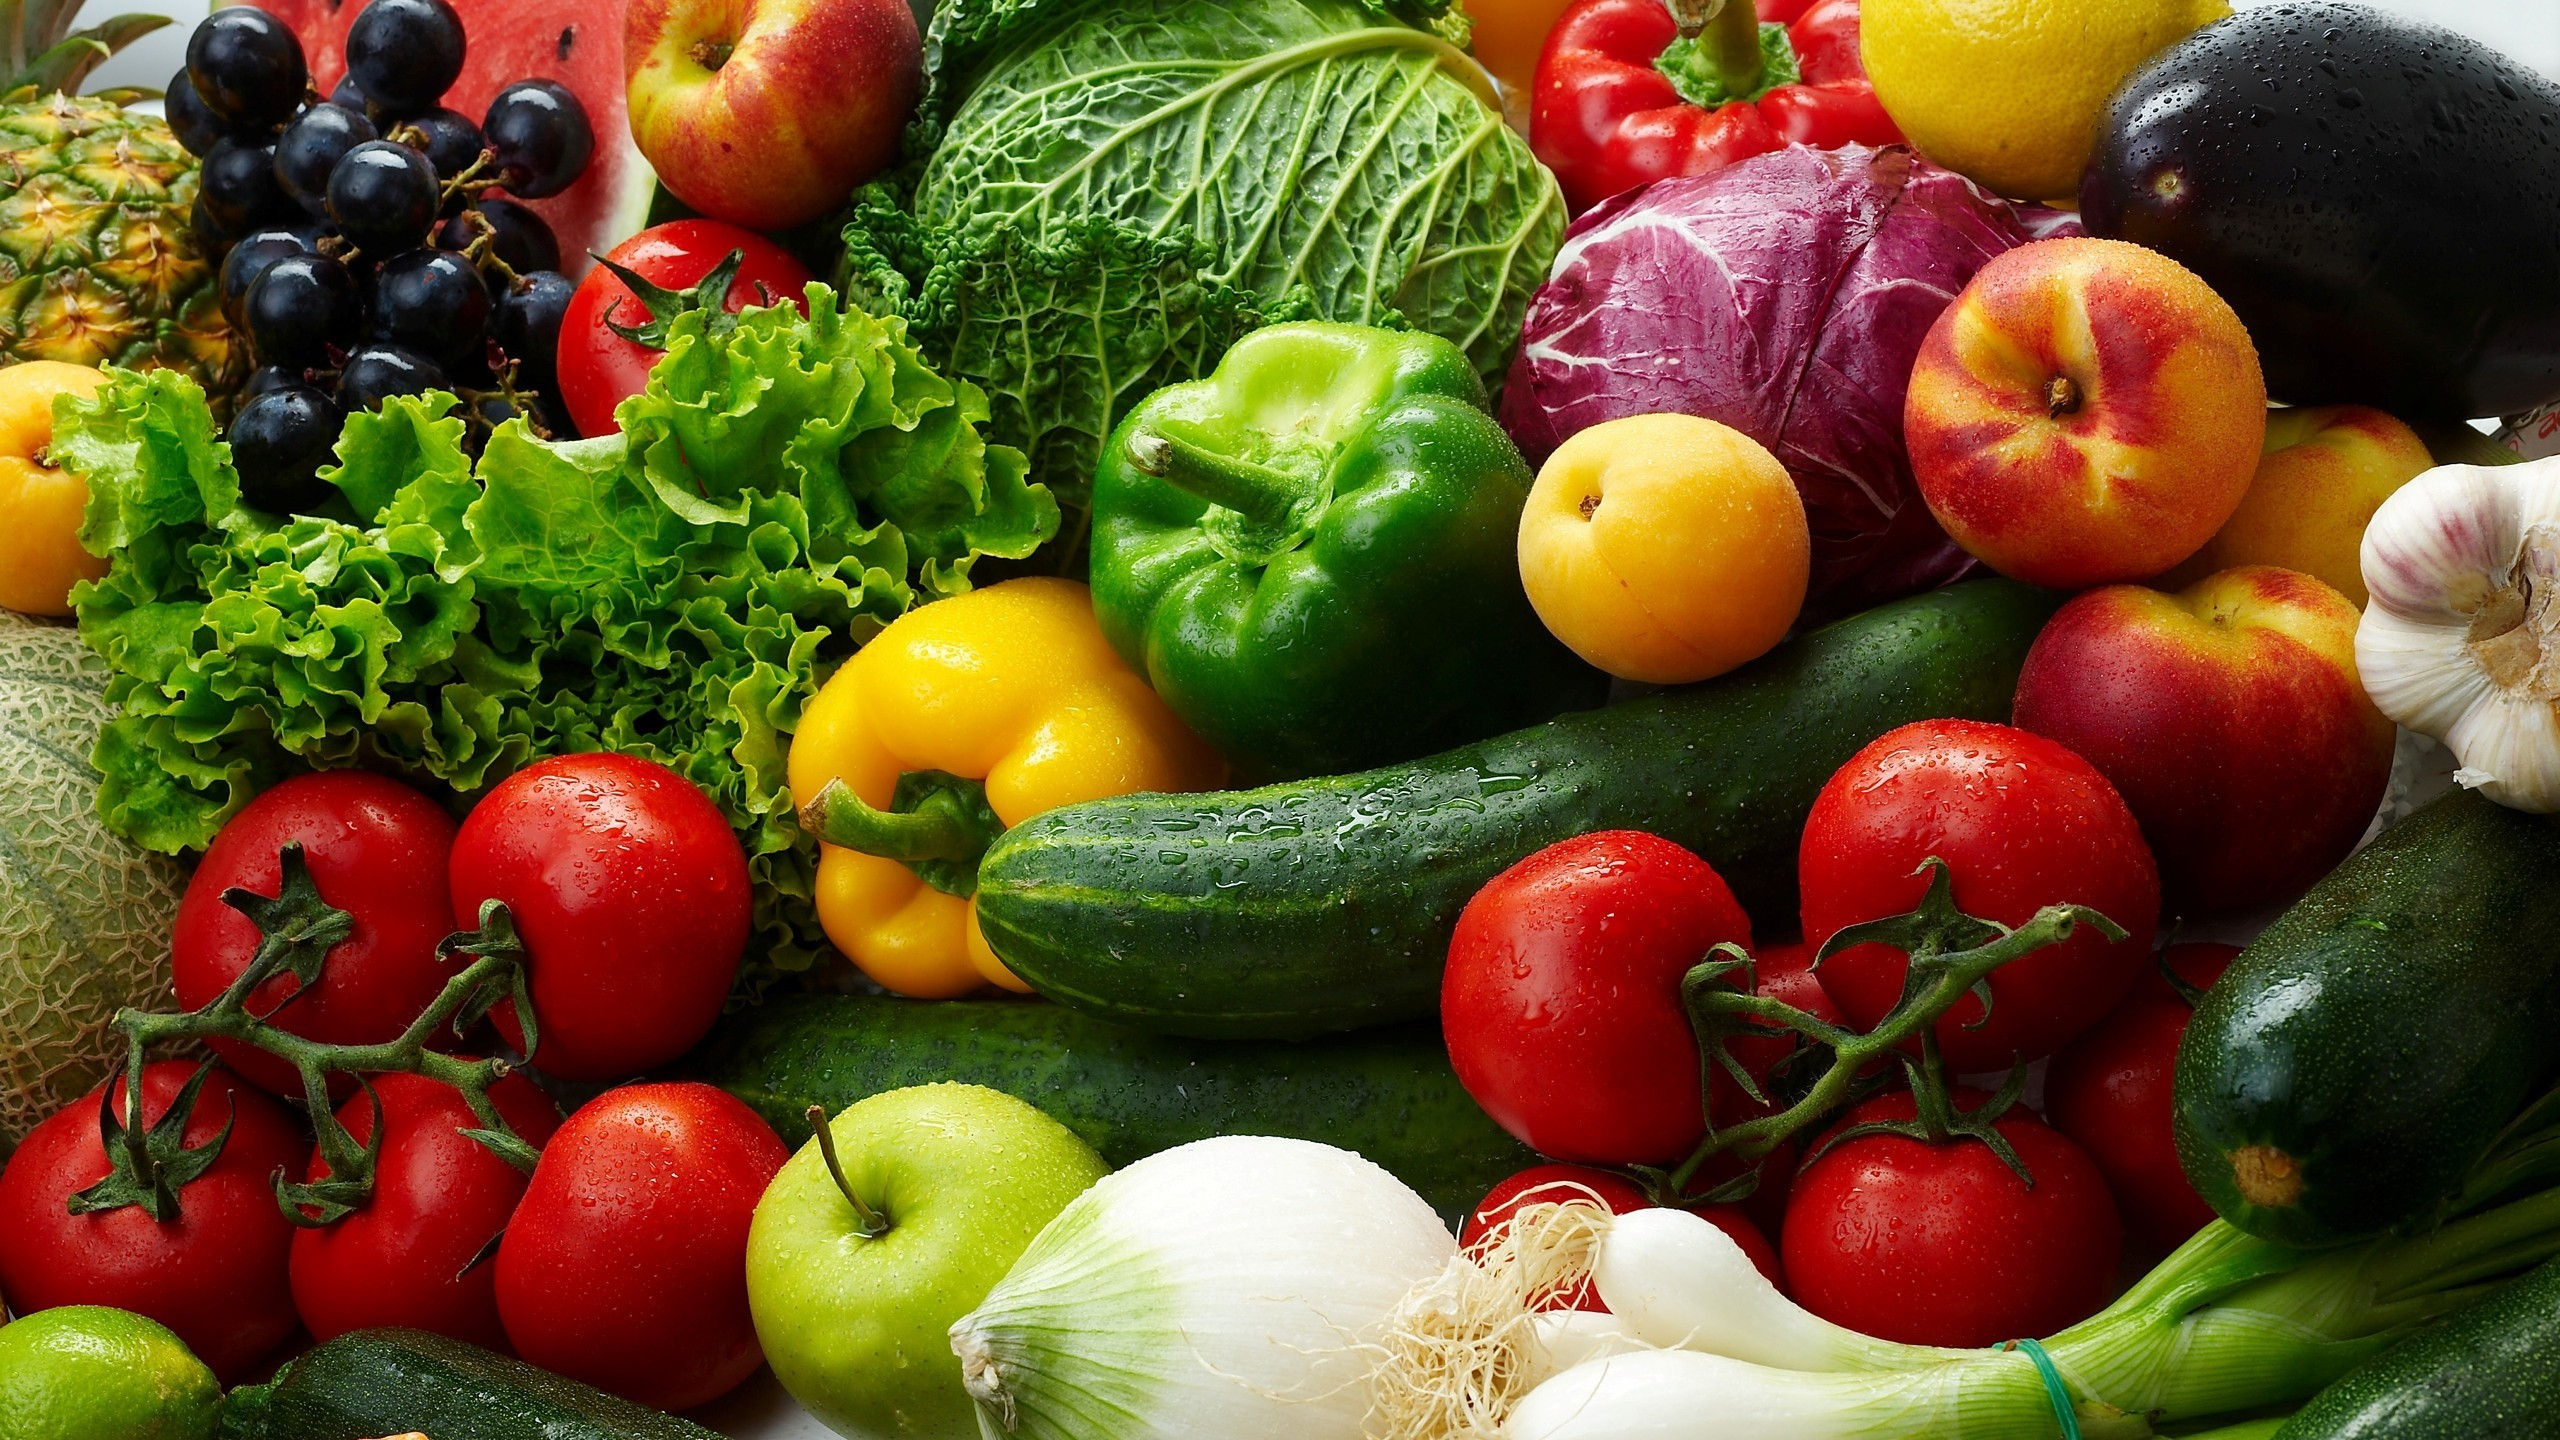 قیمت انواع سبزی و صیفی در میادین میوه و تره بار+جدول